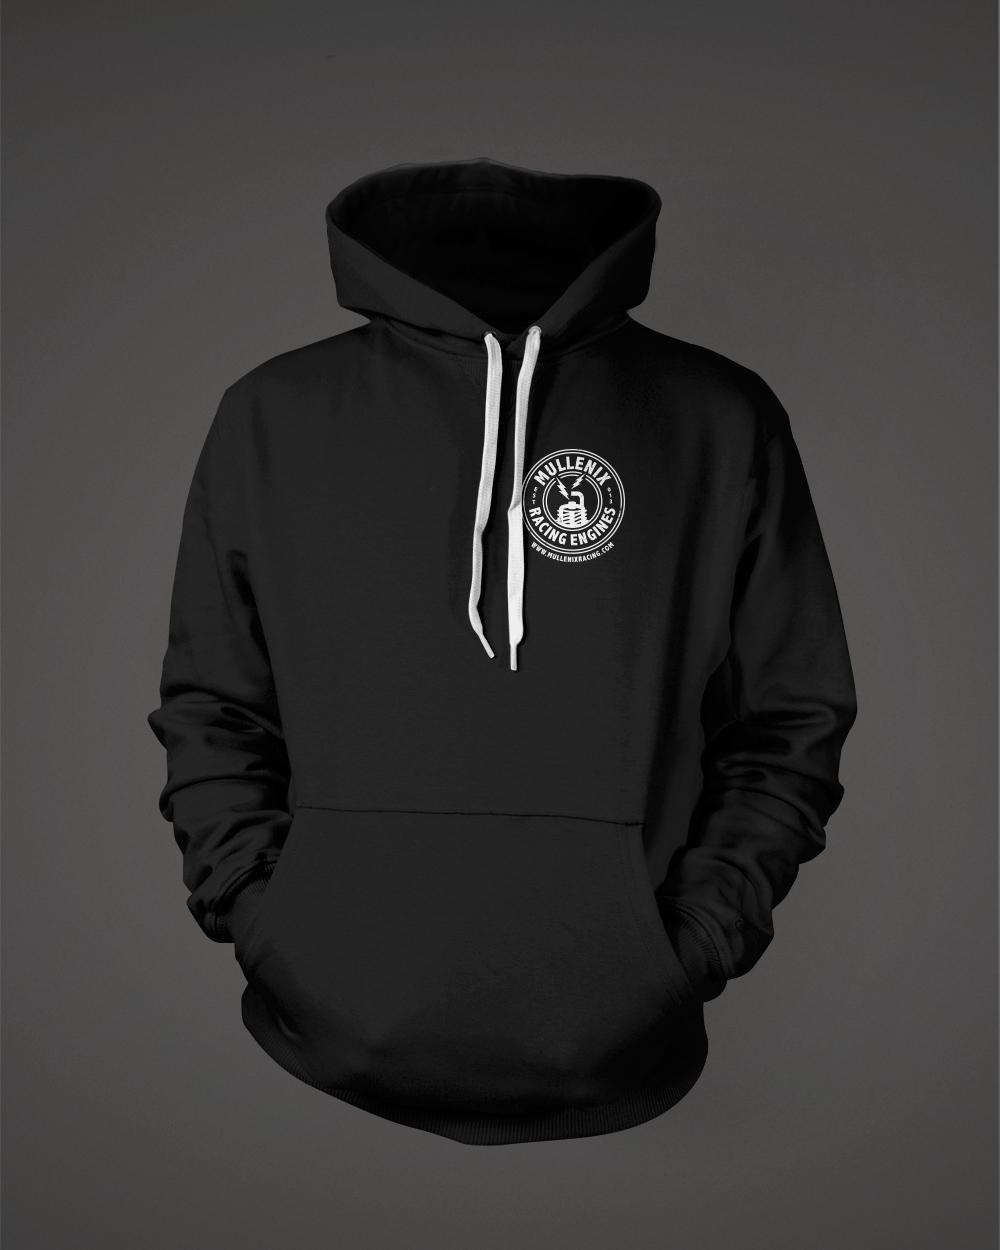 Hoodie-Badge-Black-Front-1